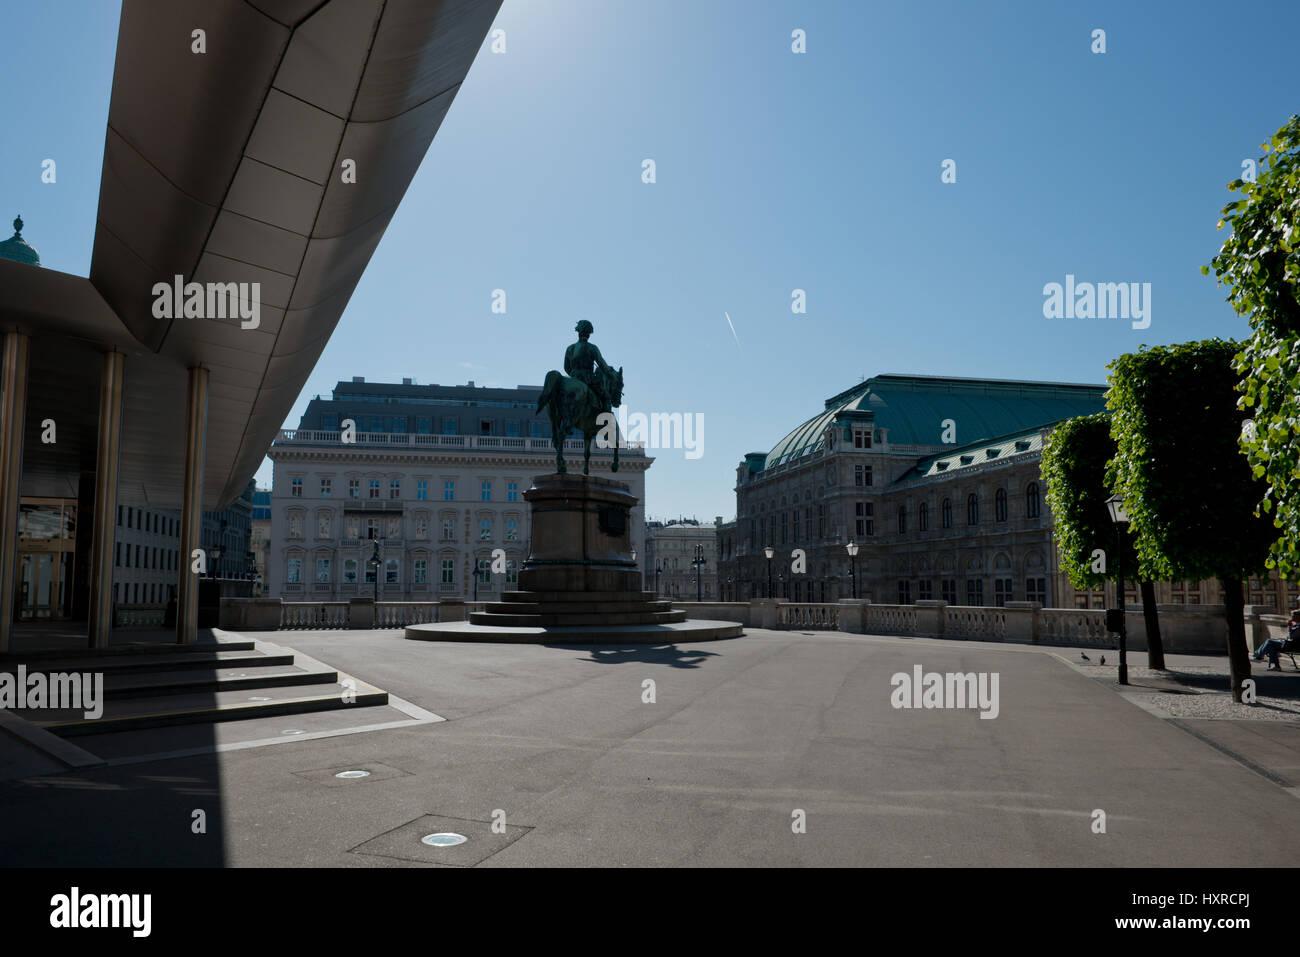 Soravia Wing vor der Albertina mit Standbild Erzherzog Albrecht und Oper, Wien - Stock Image